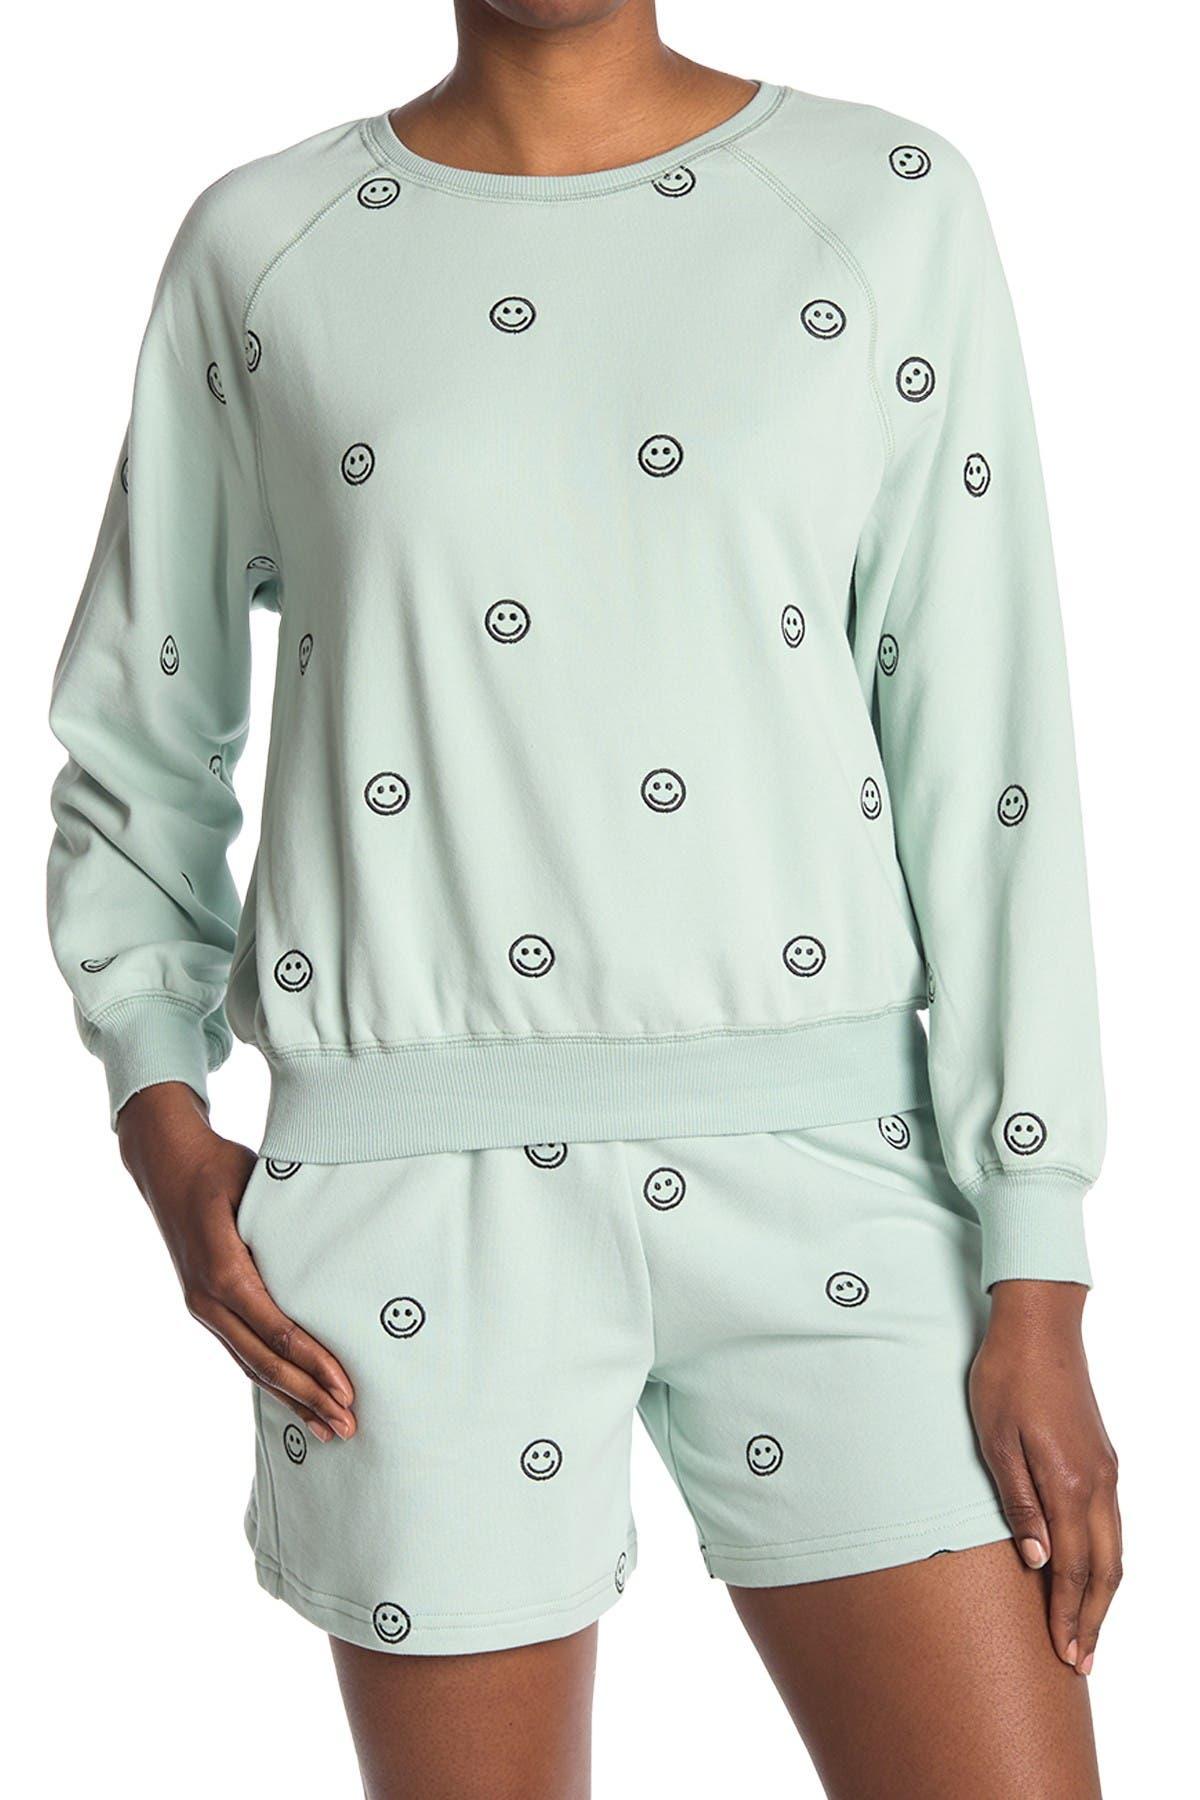 Image of Elodie Embroidered Raglan Sweatshirt